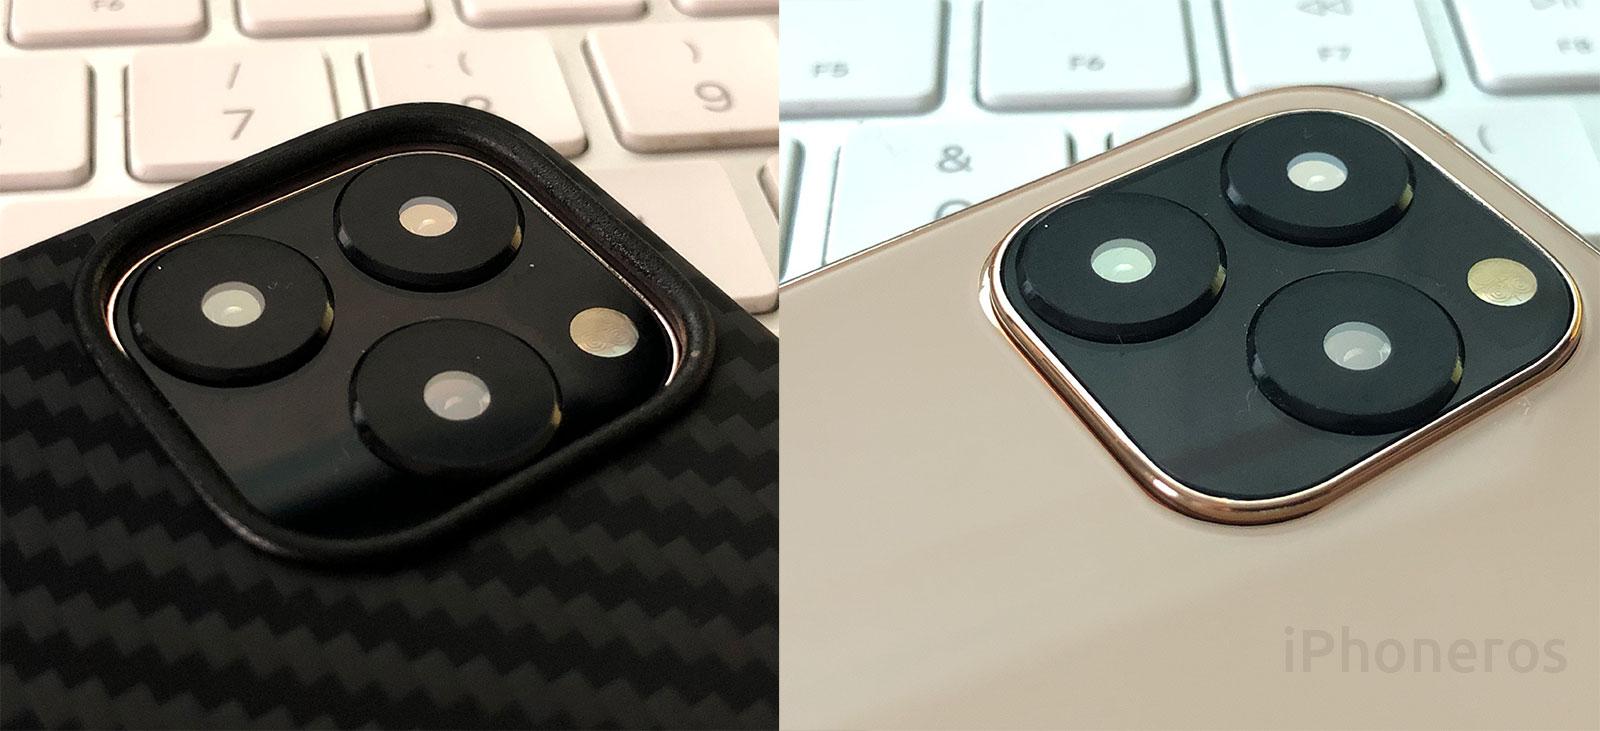 Maqueta del iPhone 11 con su funda